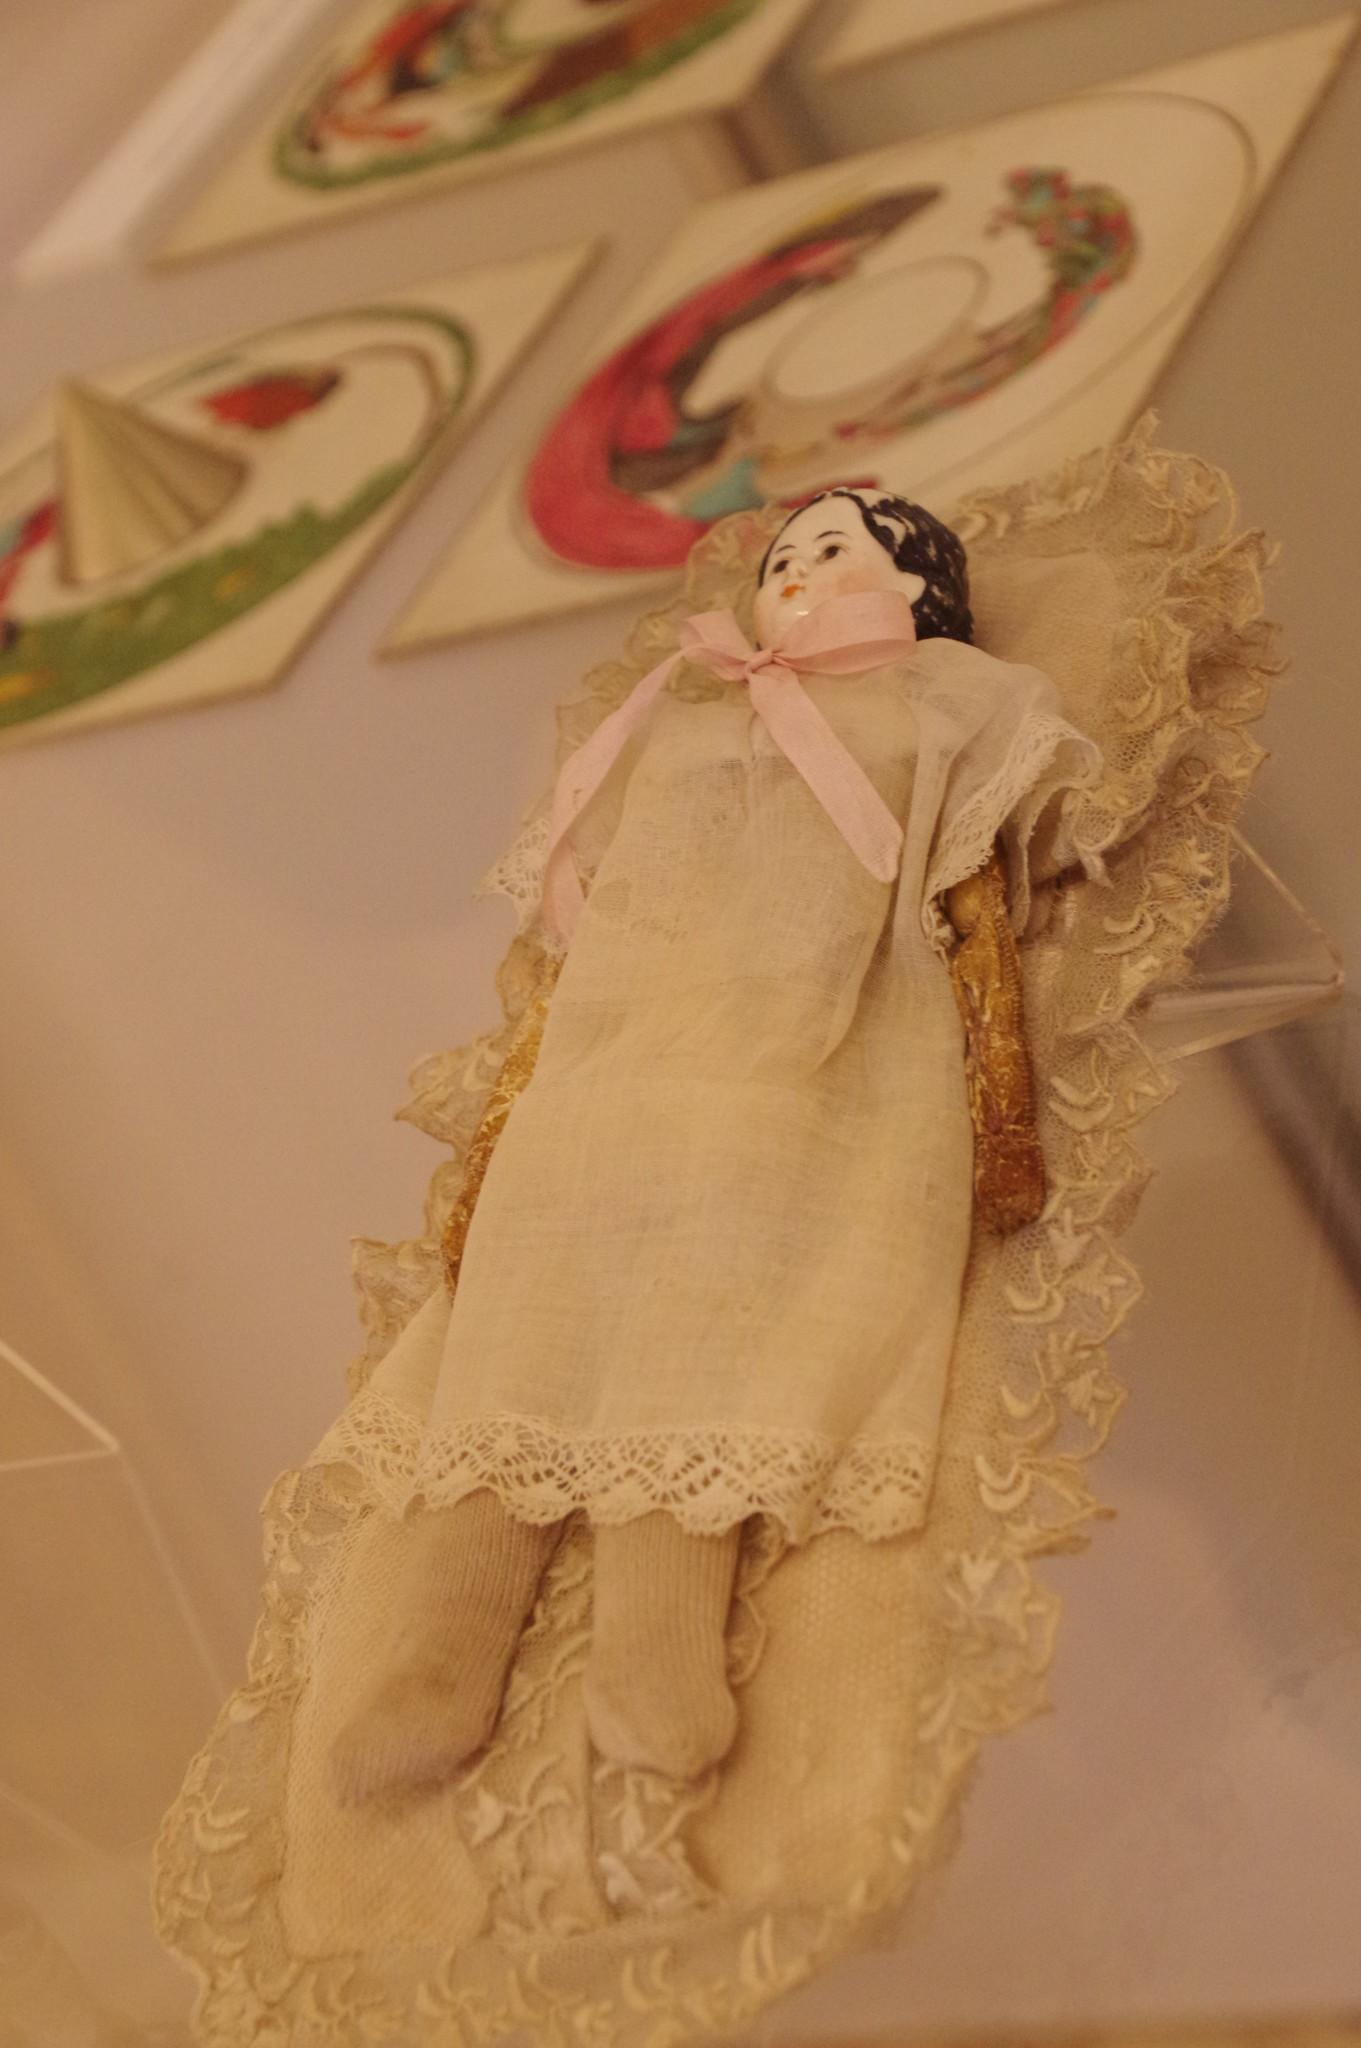 Кукла «Любочка» в конверте. Принадлежала С.А. Пушкину. Россия. 1860-е. Фарфор, роспись надглазурная, лайка, волосы, батист, кружево, трикотаж, ручная работа